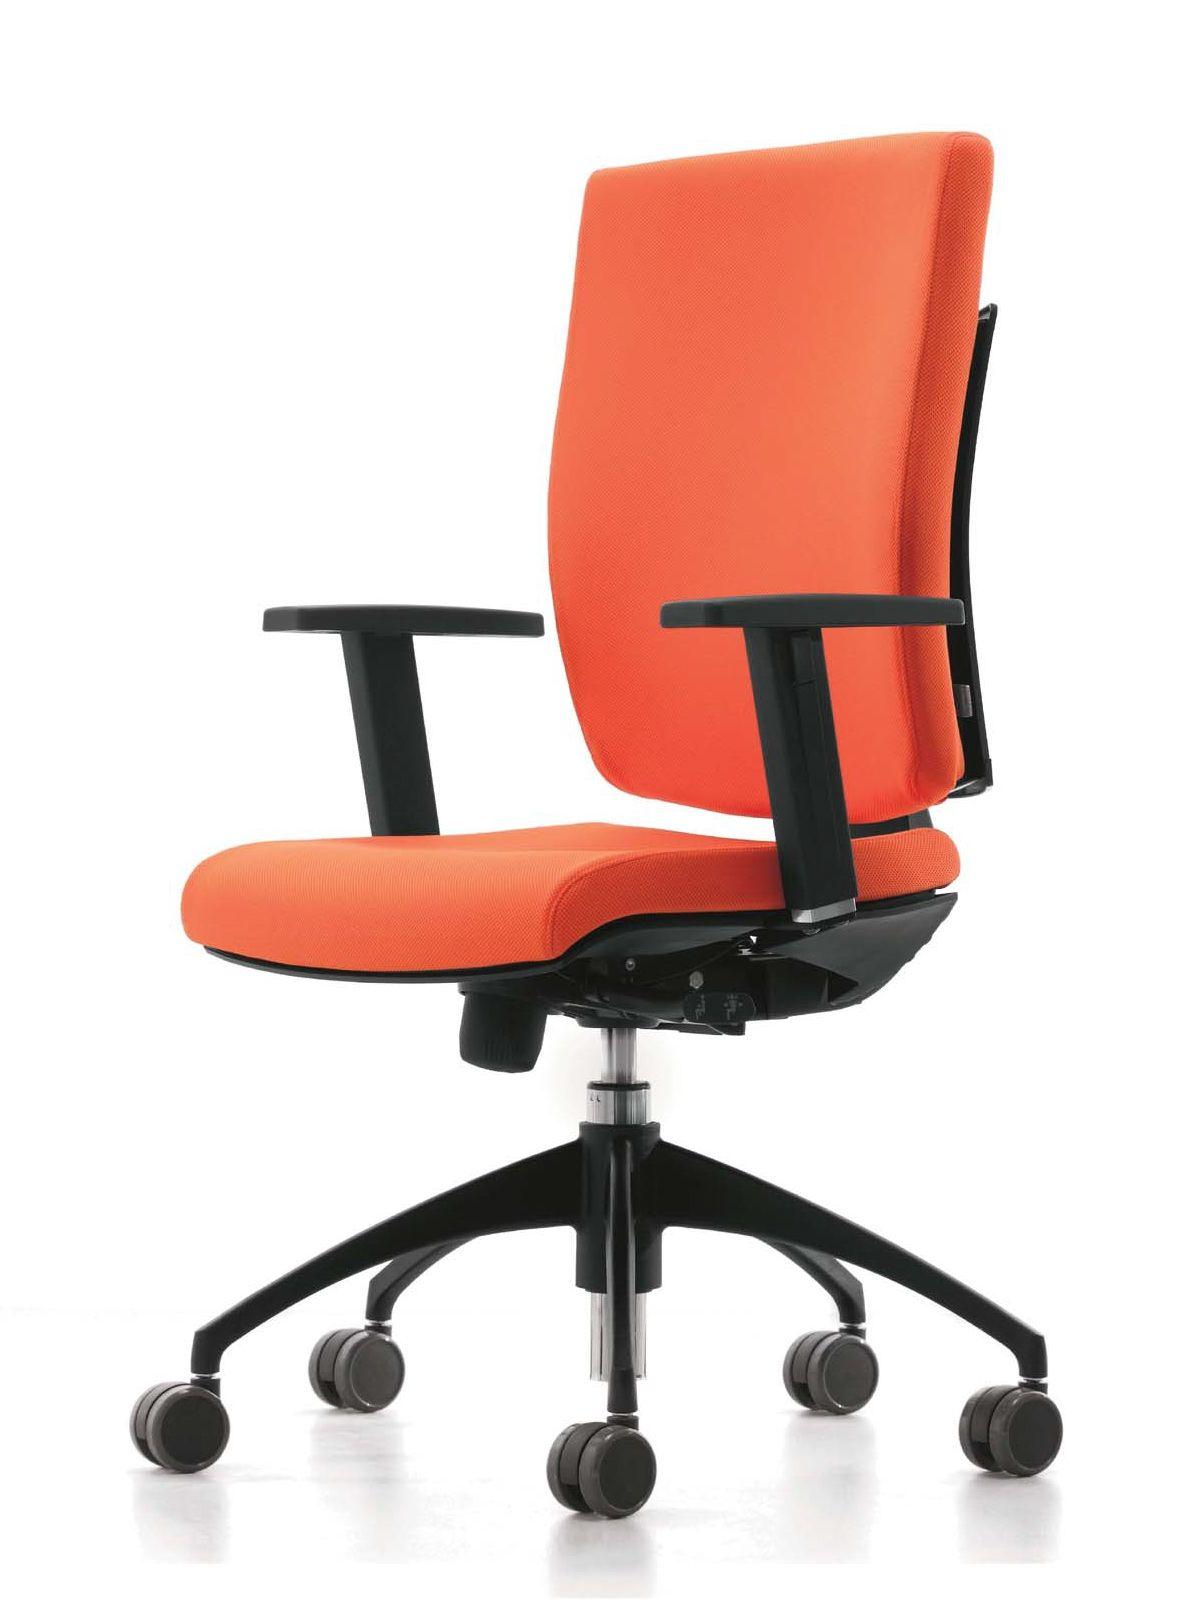 Upper Panama Presenta Pixel Silla Operativa Ideal Para Oficina Una Gama Completa De Sillas Con Respaldo Alto Y Bajo Mecanismo Chair Furniture Office Chair